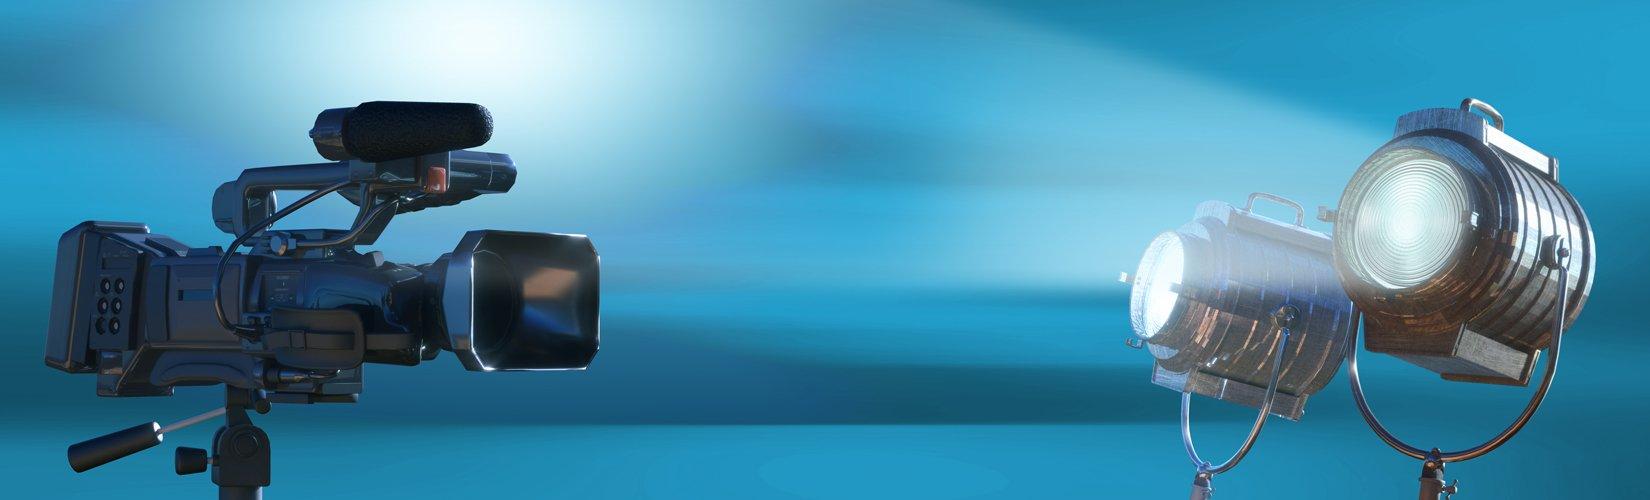 Kamera mit Beleuchtungssystem